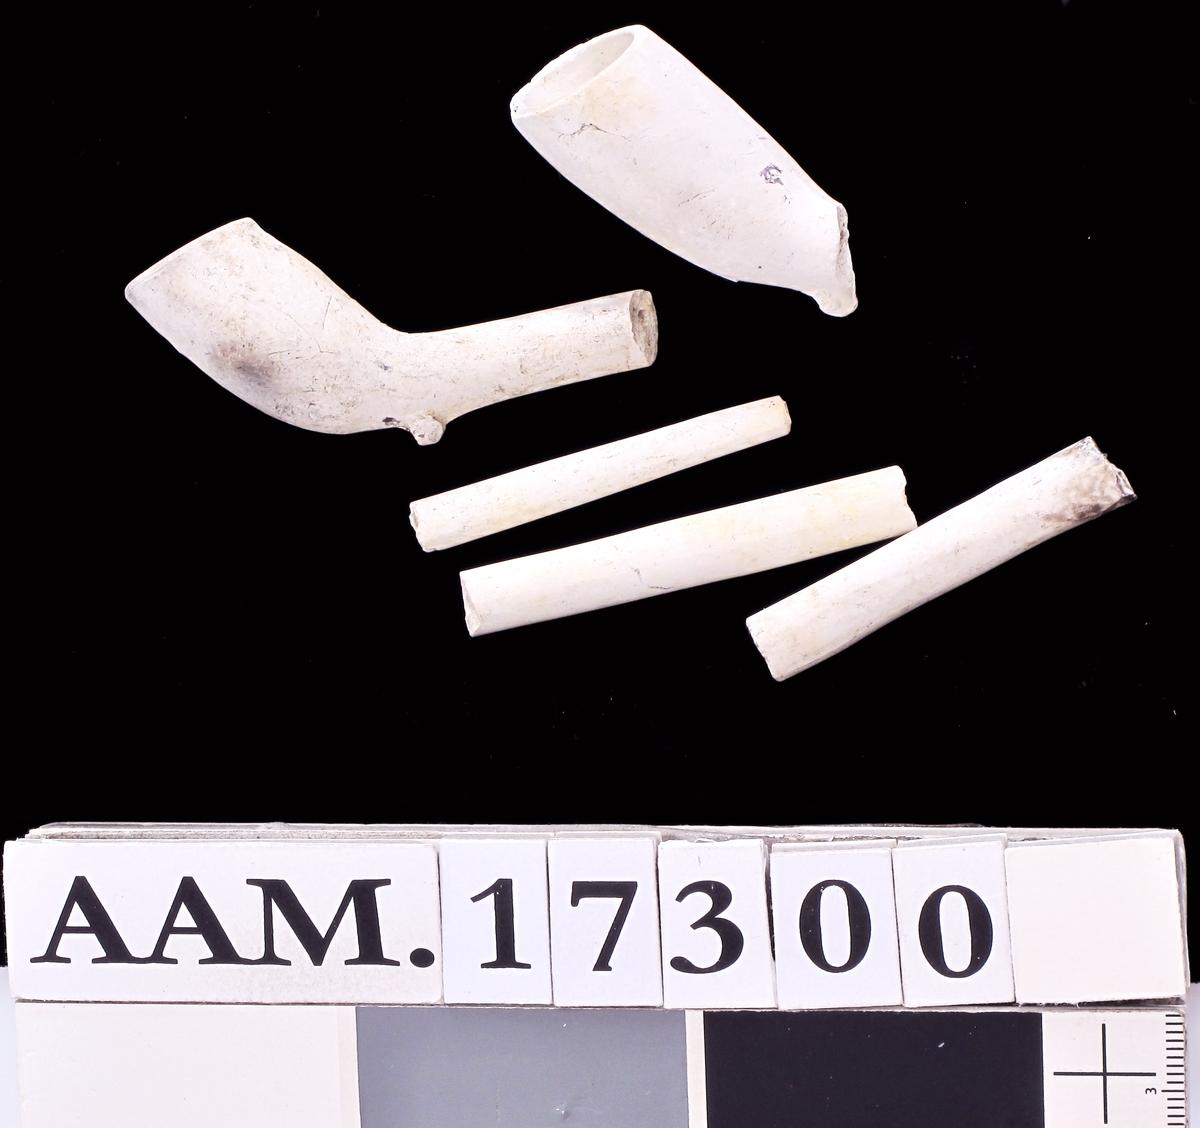 Krittpipedeler,   214 hoder merket   B, IB eller omvendt B  = Jacob Boy, Bragernes, Drammen   58 hoder med avslått merke eller  uten merke, engelsk type (kan være  Jacob Boy disse også).    12 deler til hollandske pipetyper, og  17 deler som hører til minst 3 forskjellige piper.      138   små deler av hoder, utem merker.        24   stk. stilker mellom 12,2 og 7 cm. + 1 med L. 7,3.   31  stk. 7 og 6 em.   52  stk. 6 og 5 cm.   128stk. 5 og 4 em.   158stk. 4 og 3 cm.  316stk. pipestilker mellom 3 og 2 cm. + 1 med L. 2,8.   75stk. under 2 cm.   6 korrosjonsklumper med pipestilker i.    1 lite stk. snodd stilk. L. 5,6. Diam. 0,7.(G 105 5).   3 stk. stilker. L. 3.5. 2989 297. IG 1419).